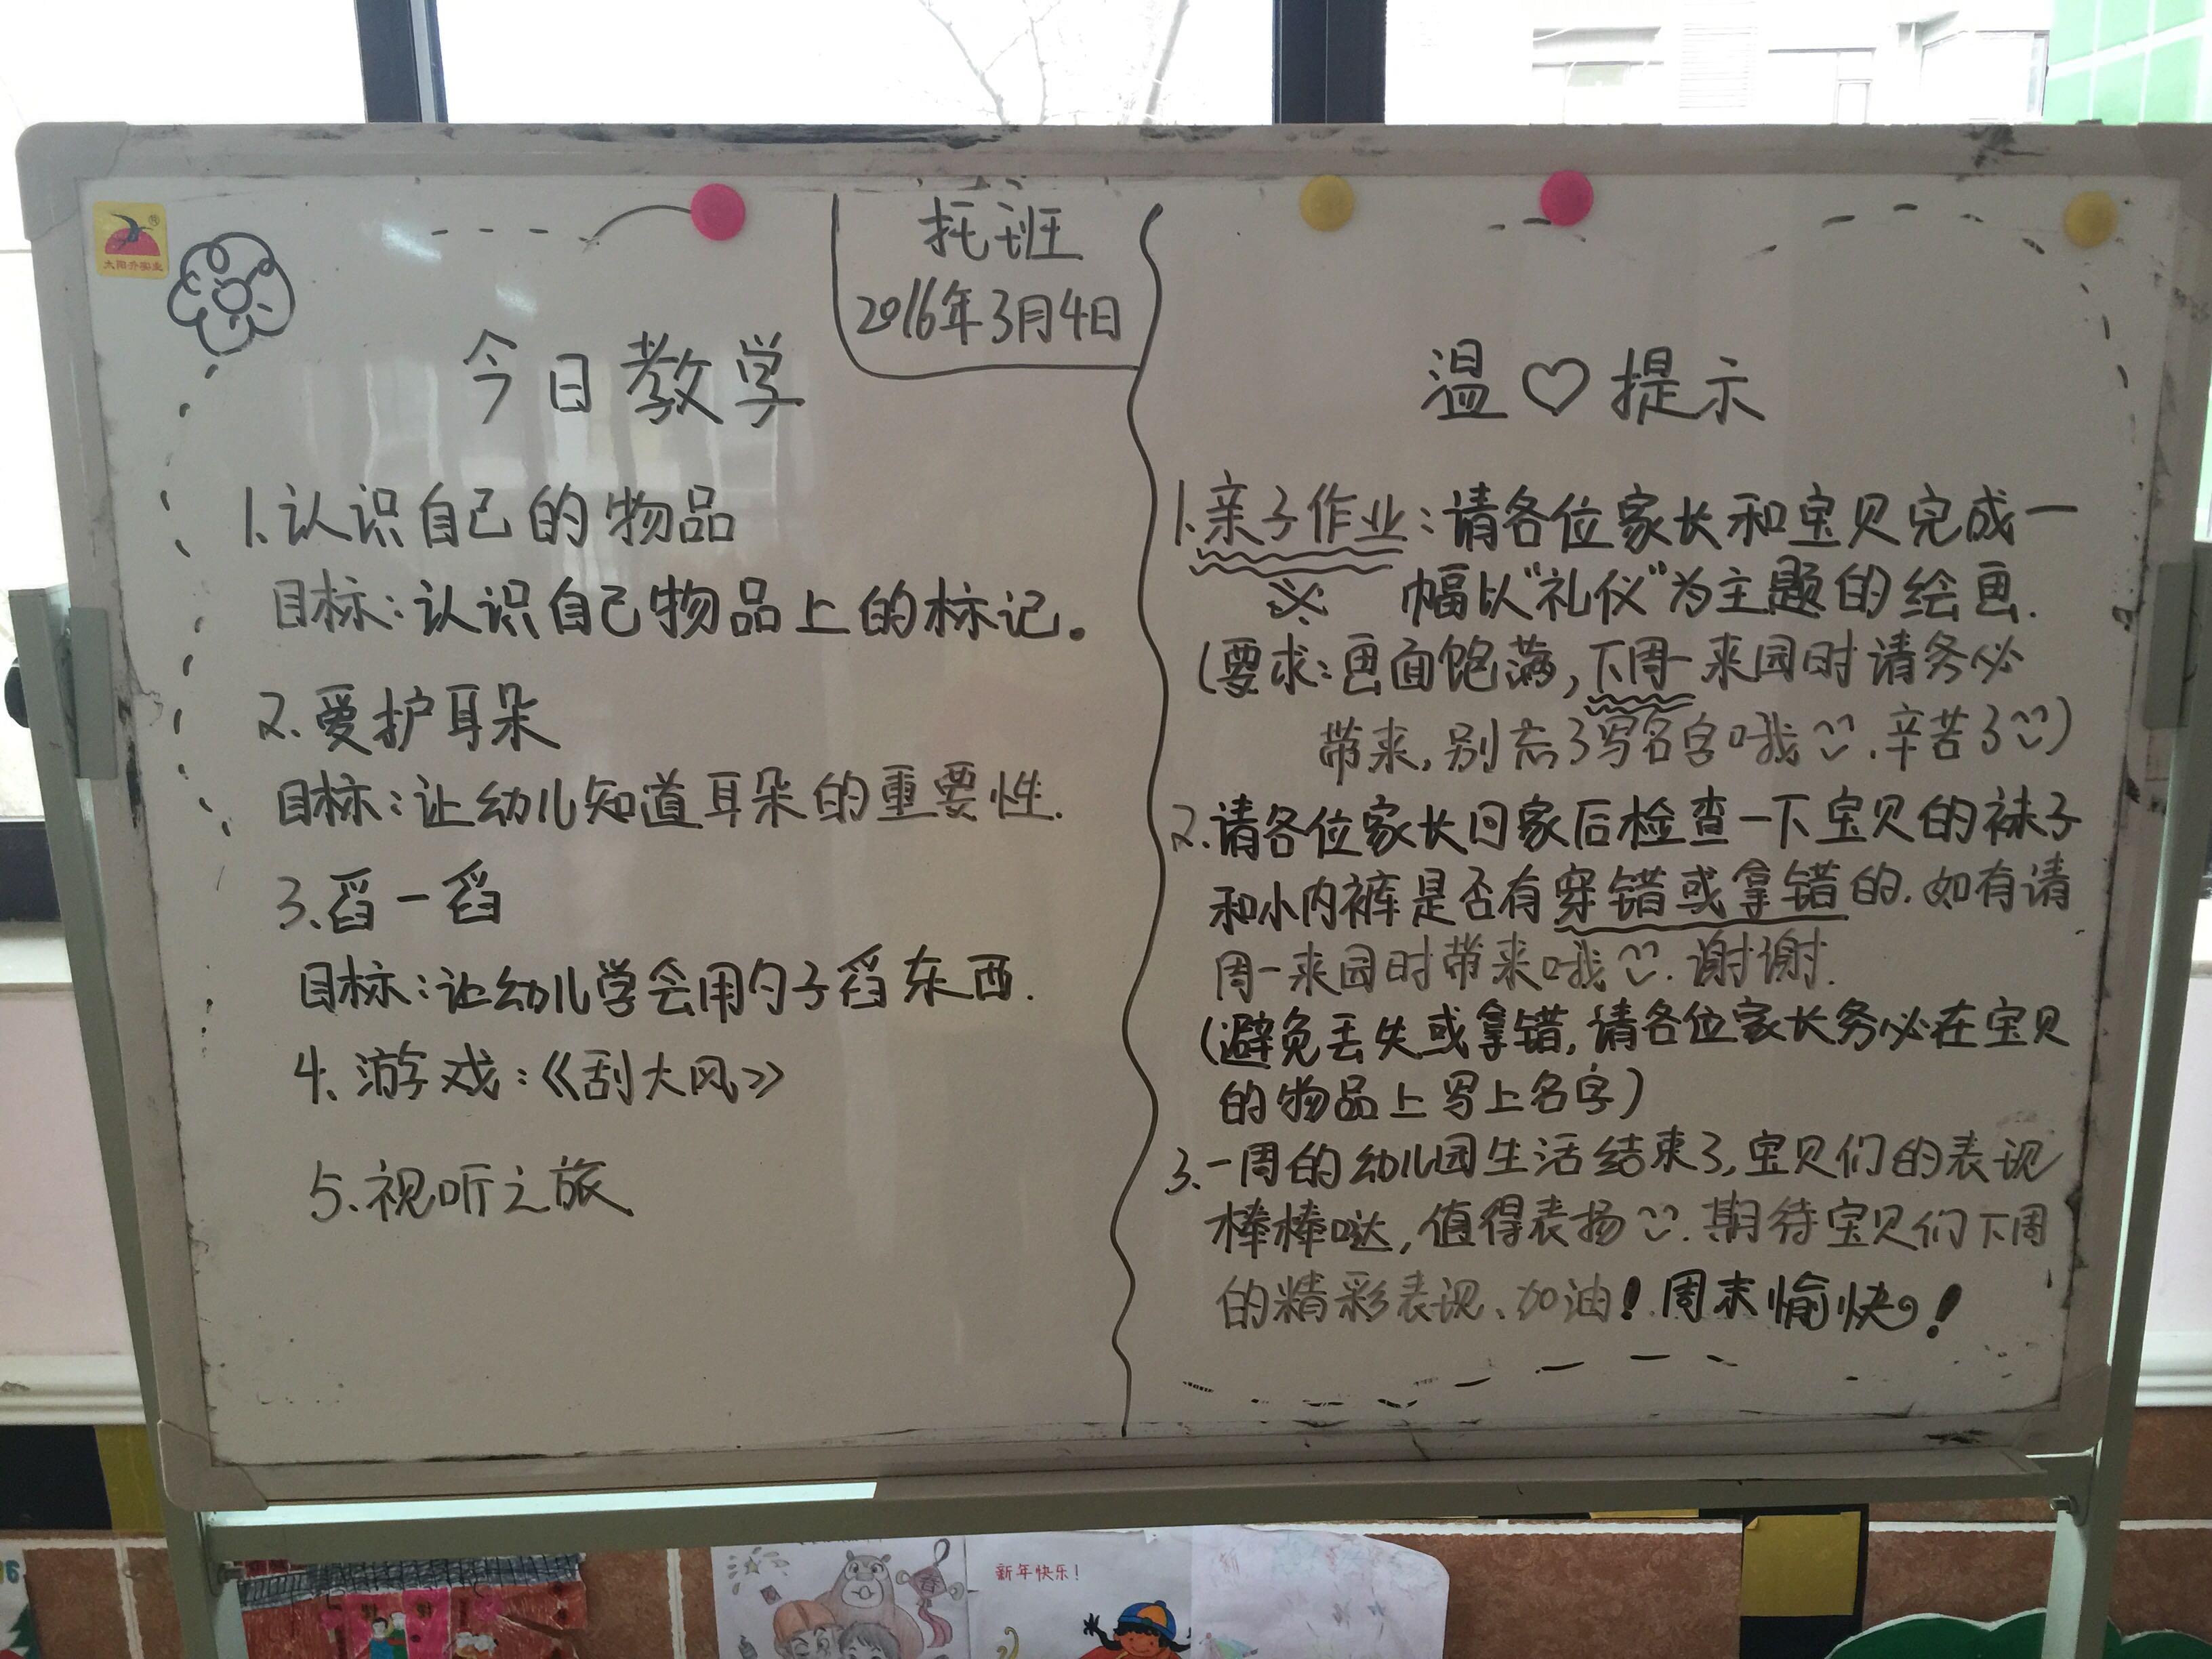 幼儿园班级温馨提示